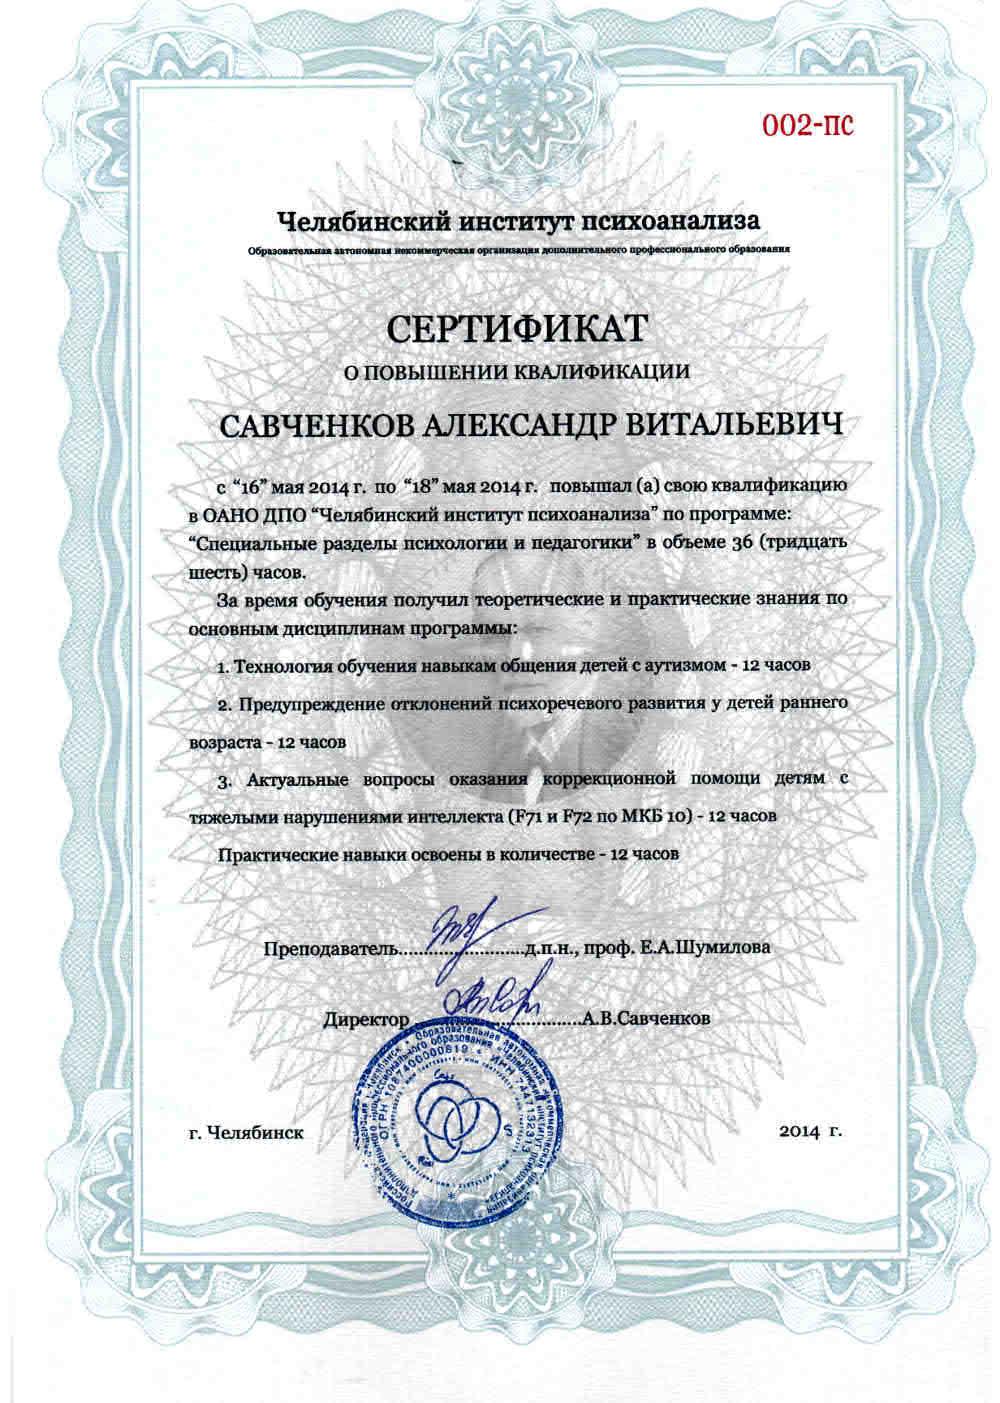 """Сертификат о повышении квалификации по программе """"Специальные разделы психологии и педагогики"""""""